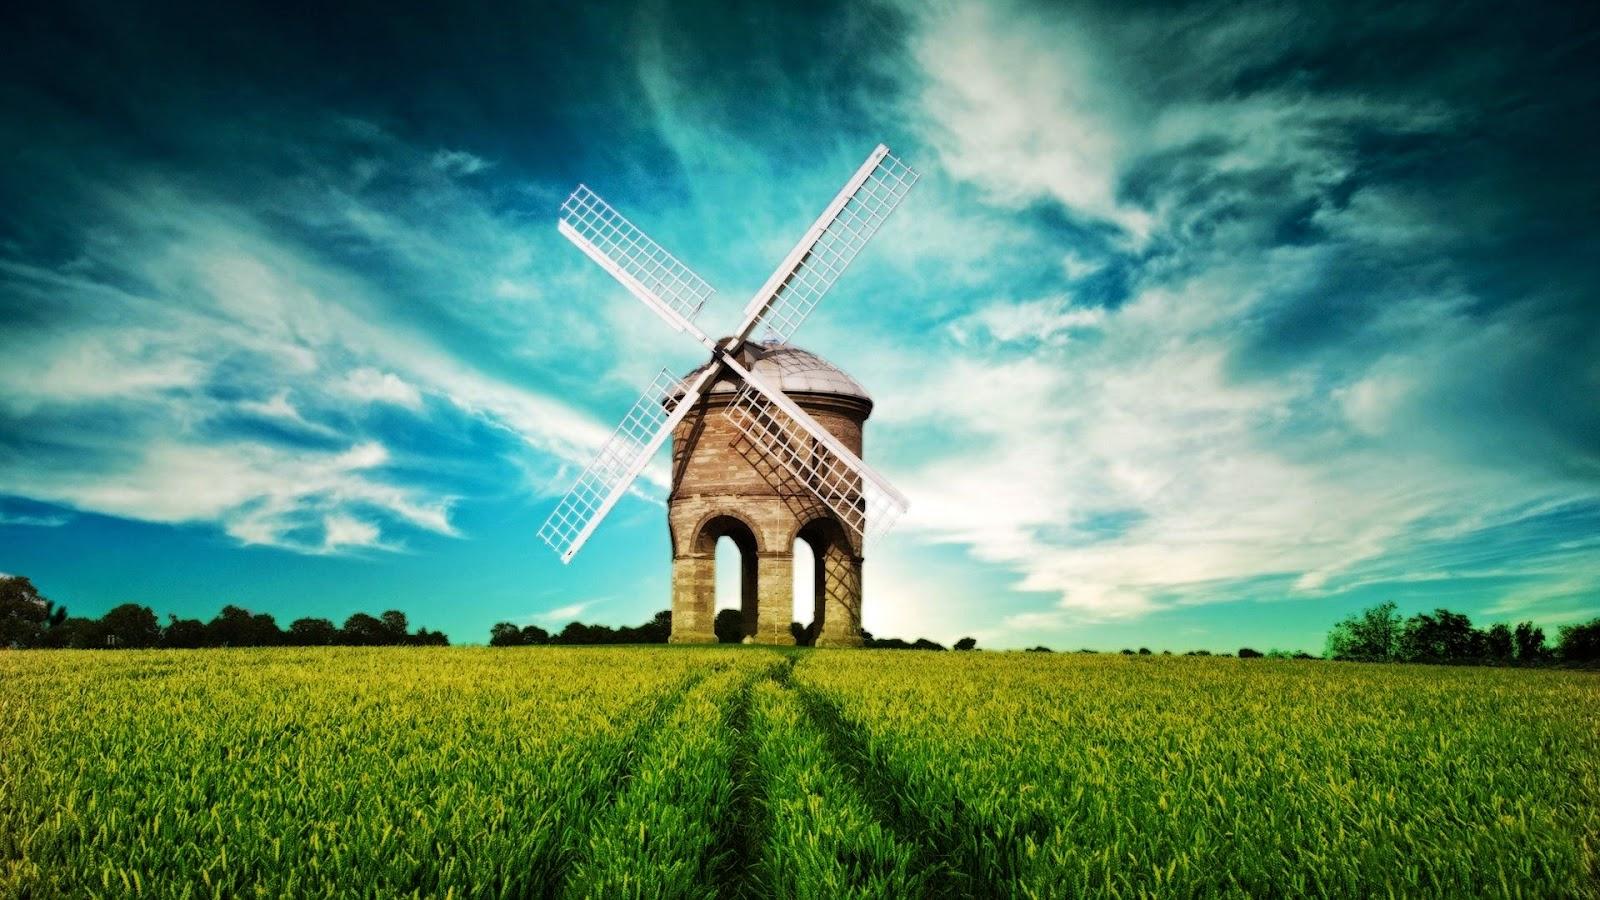 """<img src=""""http://1.bp.blogspot.com/-c4TFNU_5mgQ/U8GXJjhXjeI/AAAAAAAALlY/DGuMawx7M1g/s1600/grass-hd-wallpaper.jpeg"""" alt=""""Grass HD Wallpaper"""" />"""